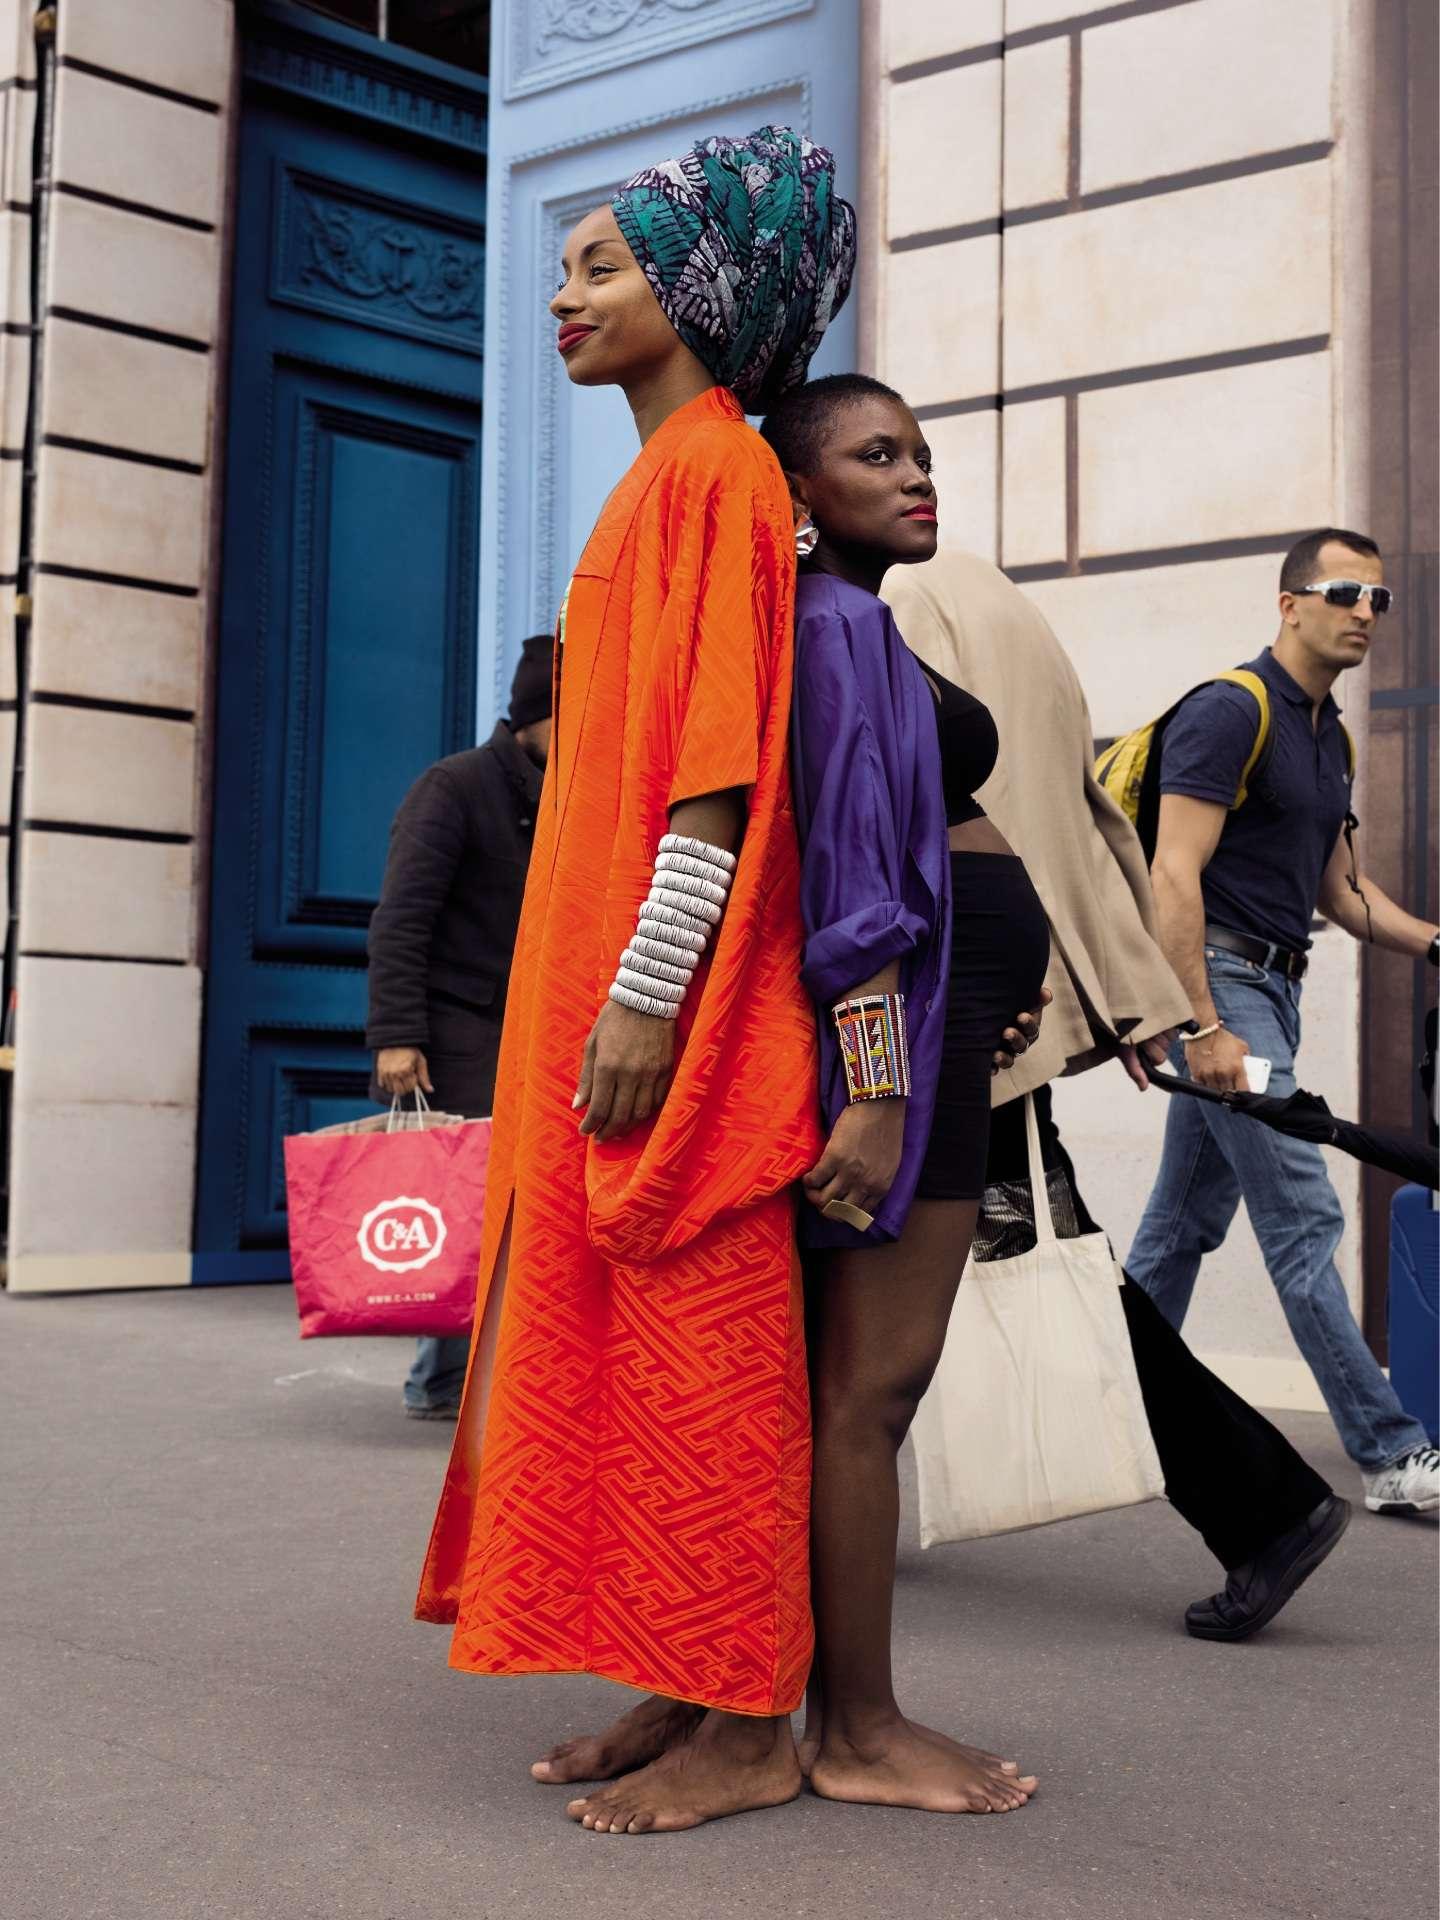 La styliste Catia Mota da Cruz (à gauche) et la photographe Prisca Munkeni Monnier ont créé le site BlackAttitude, devenu un magazine en version papier.